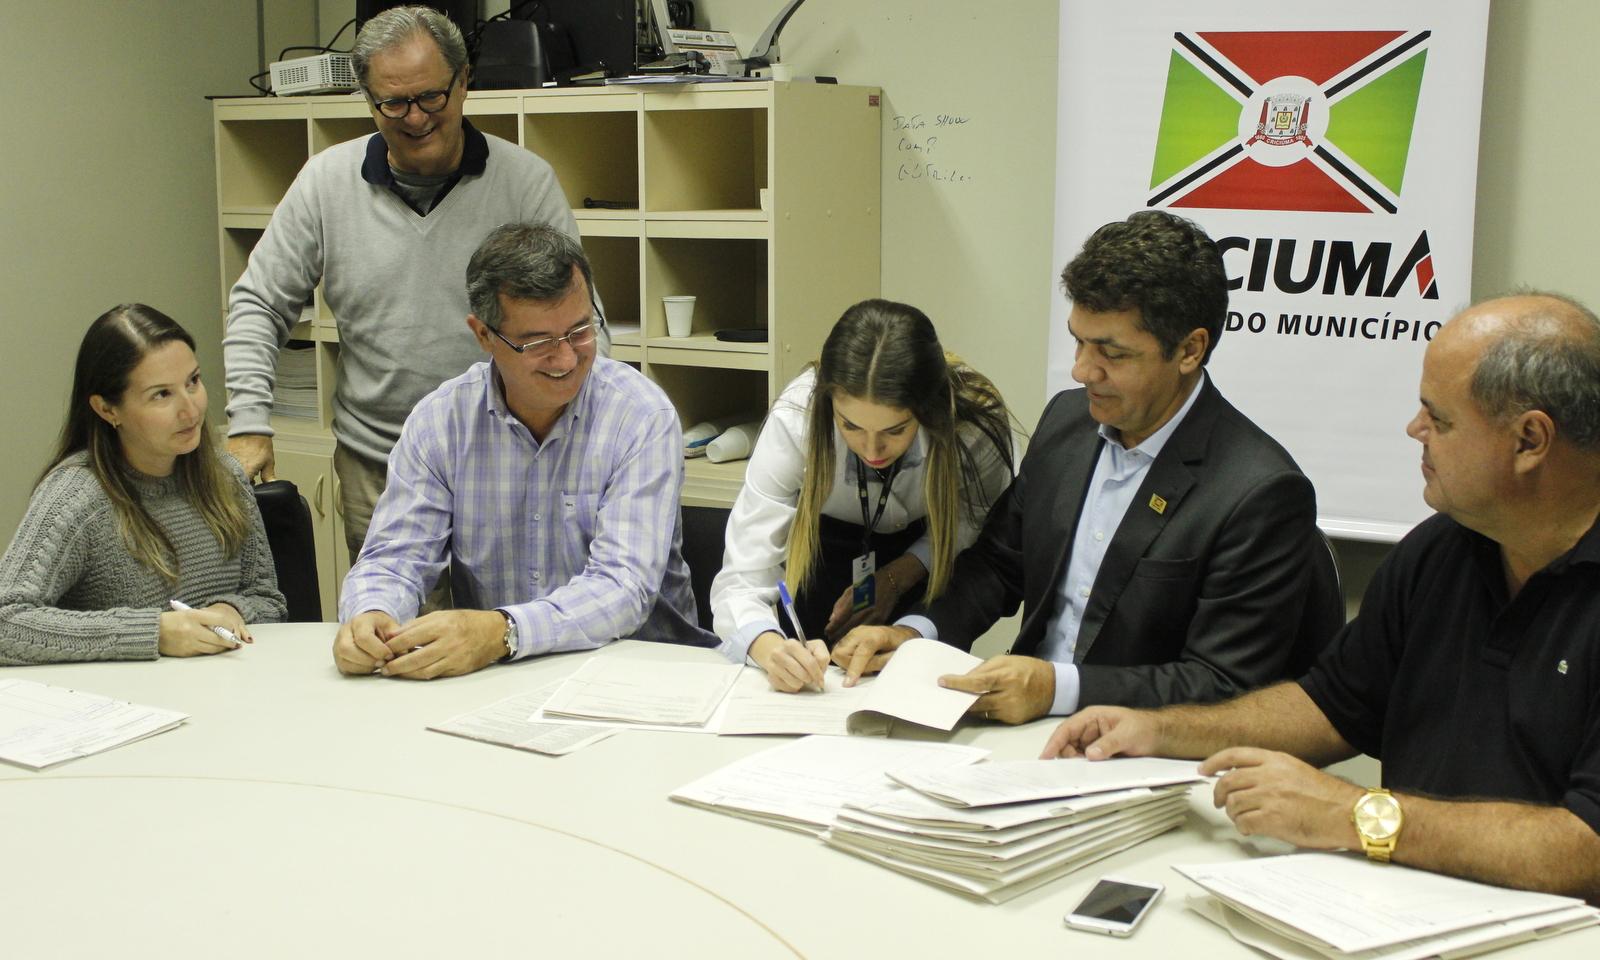 Solenidade marca assinatura de contratos para adoção de praças e logradouros públicos em Criciúma